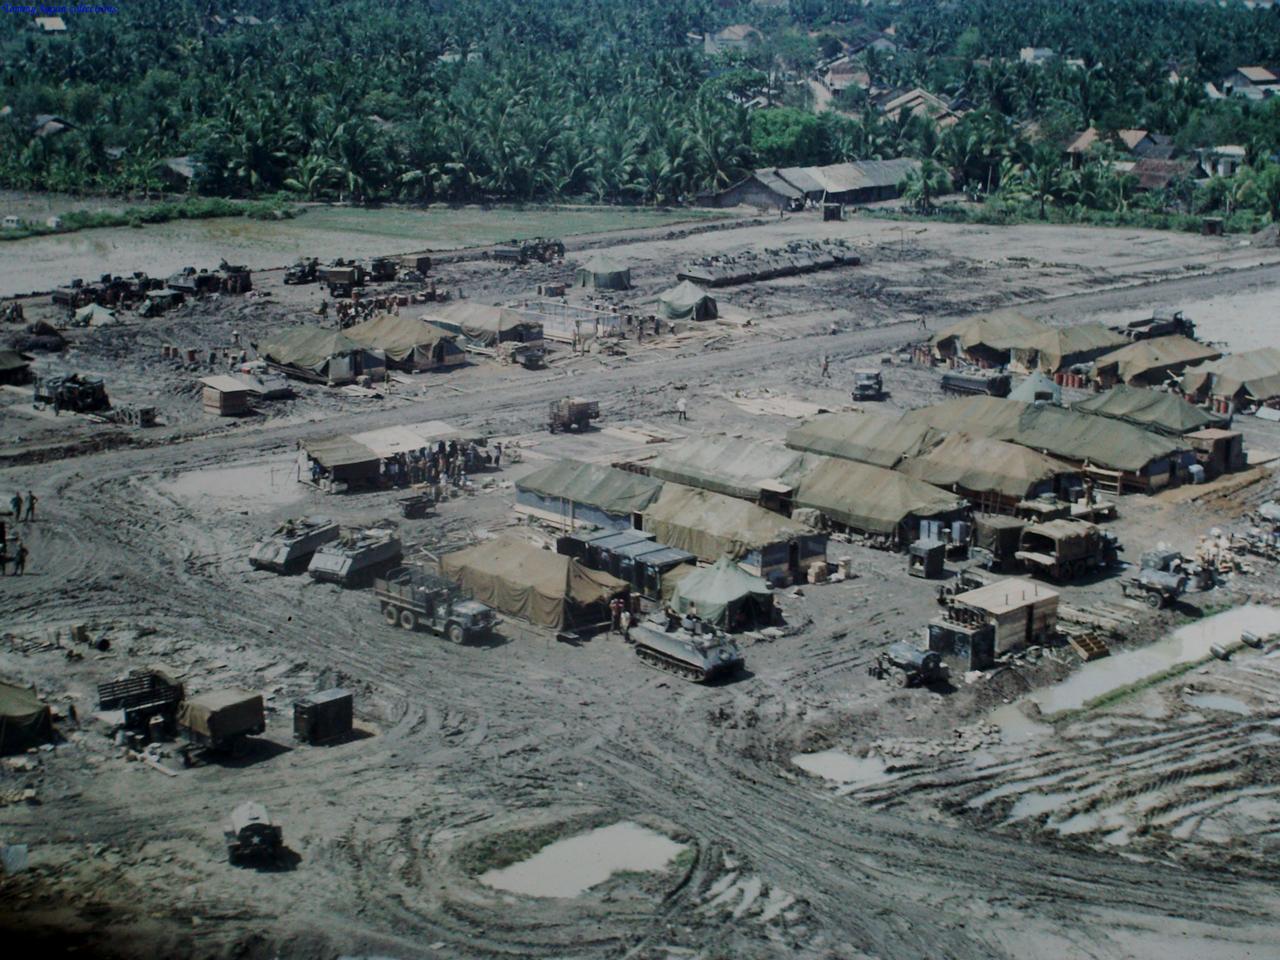 Doanh trại Bình Phước tháng 6 năm 1967 | Photo by Fletcher Clyde